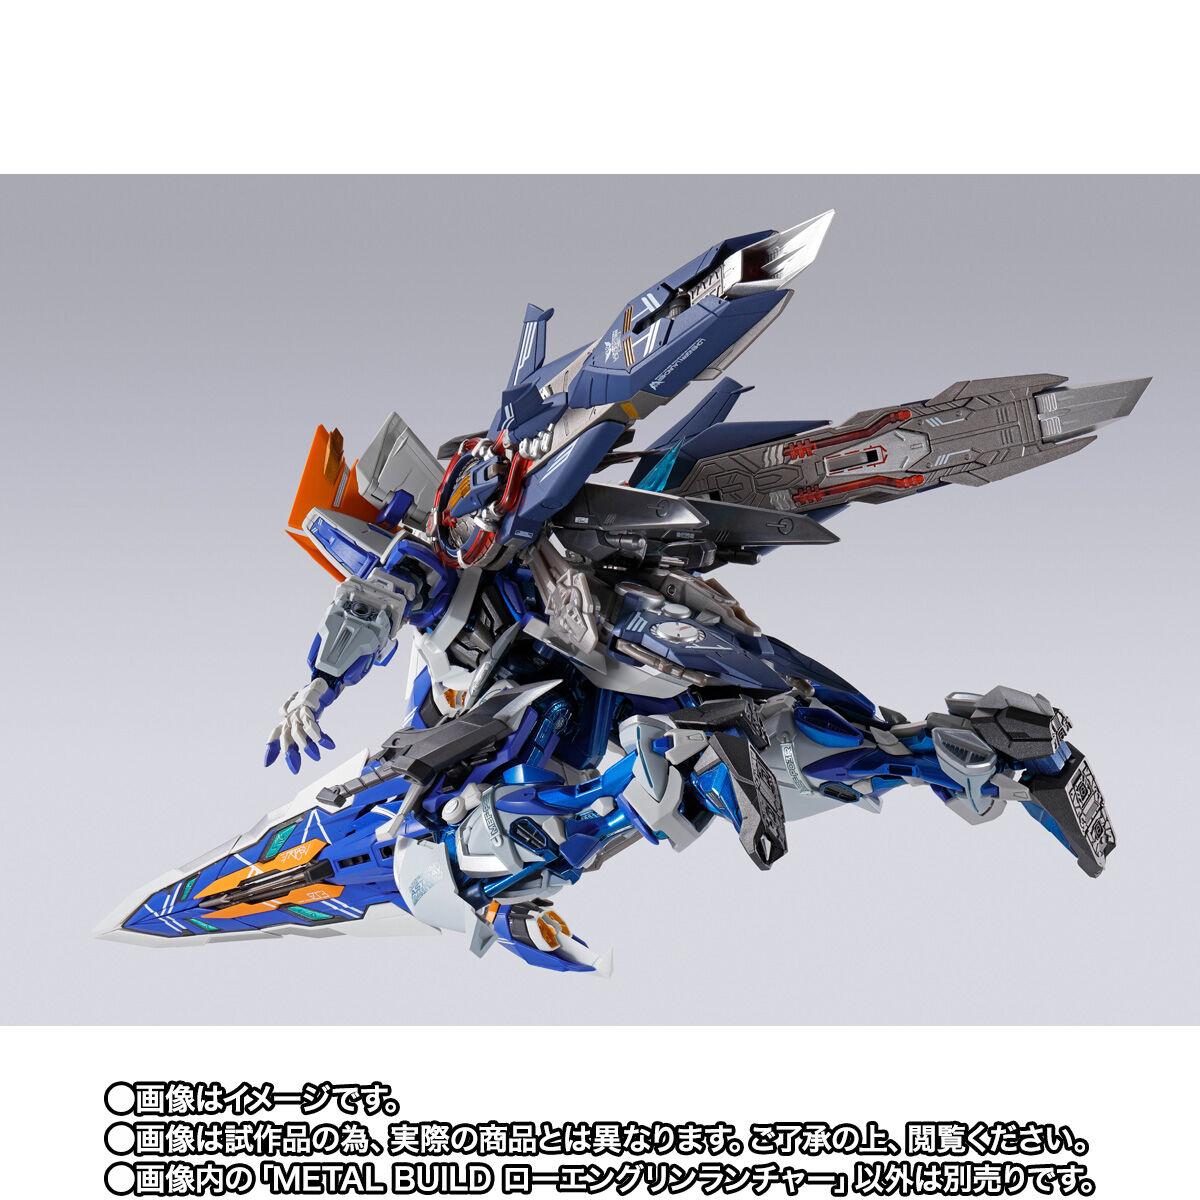 【限定販売】METAL BUILD『ローエングリンランチャー』機動戦士ガンダムSEED ASTRAY 可動フィギュア-006